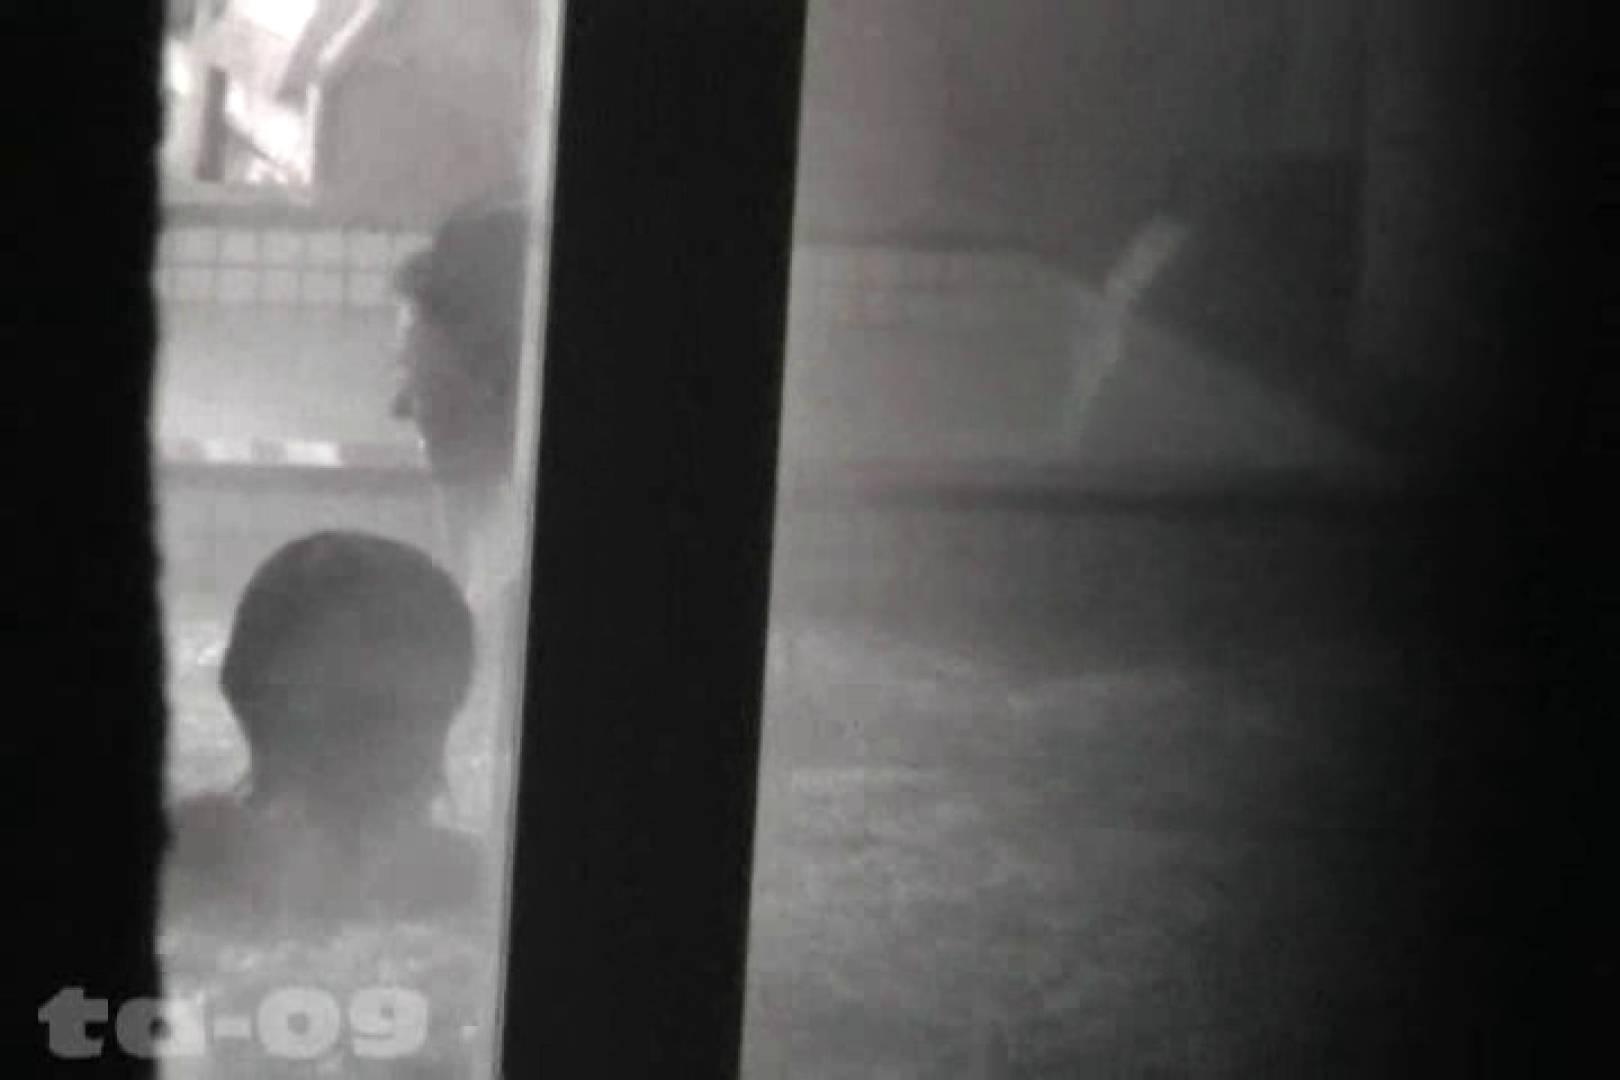 合宿ホテル女風呂盗撮高画質版 Vol.09 合宿 覗きスケベ動画紹介 82連発 41